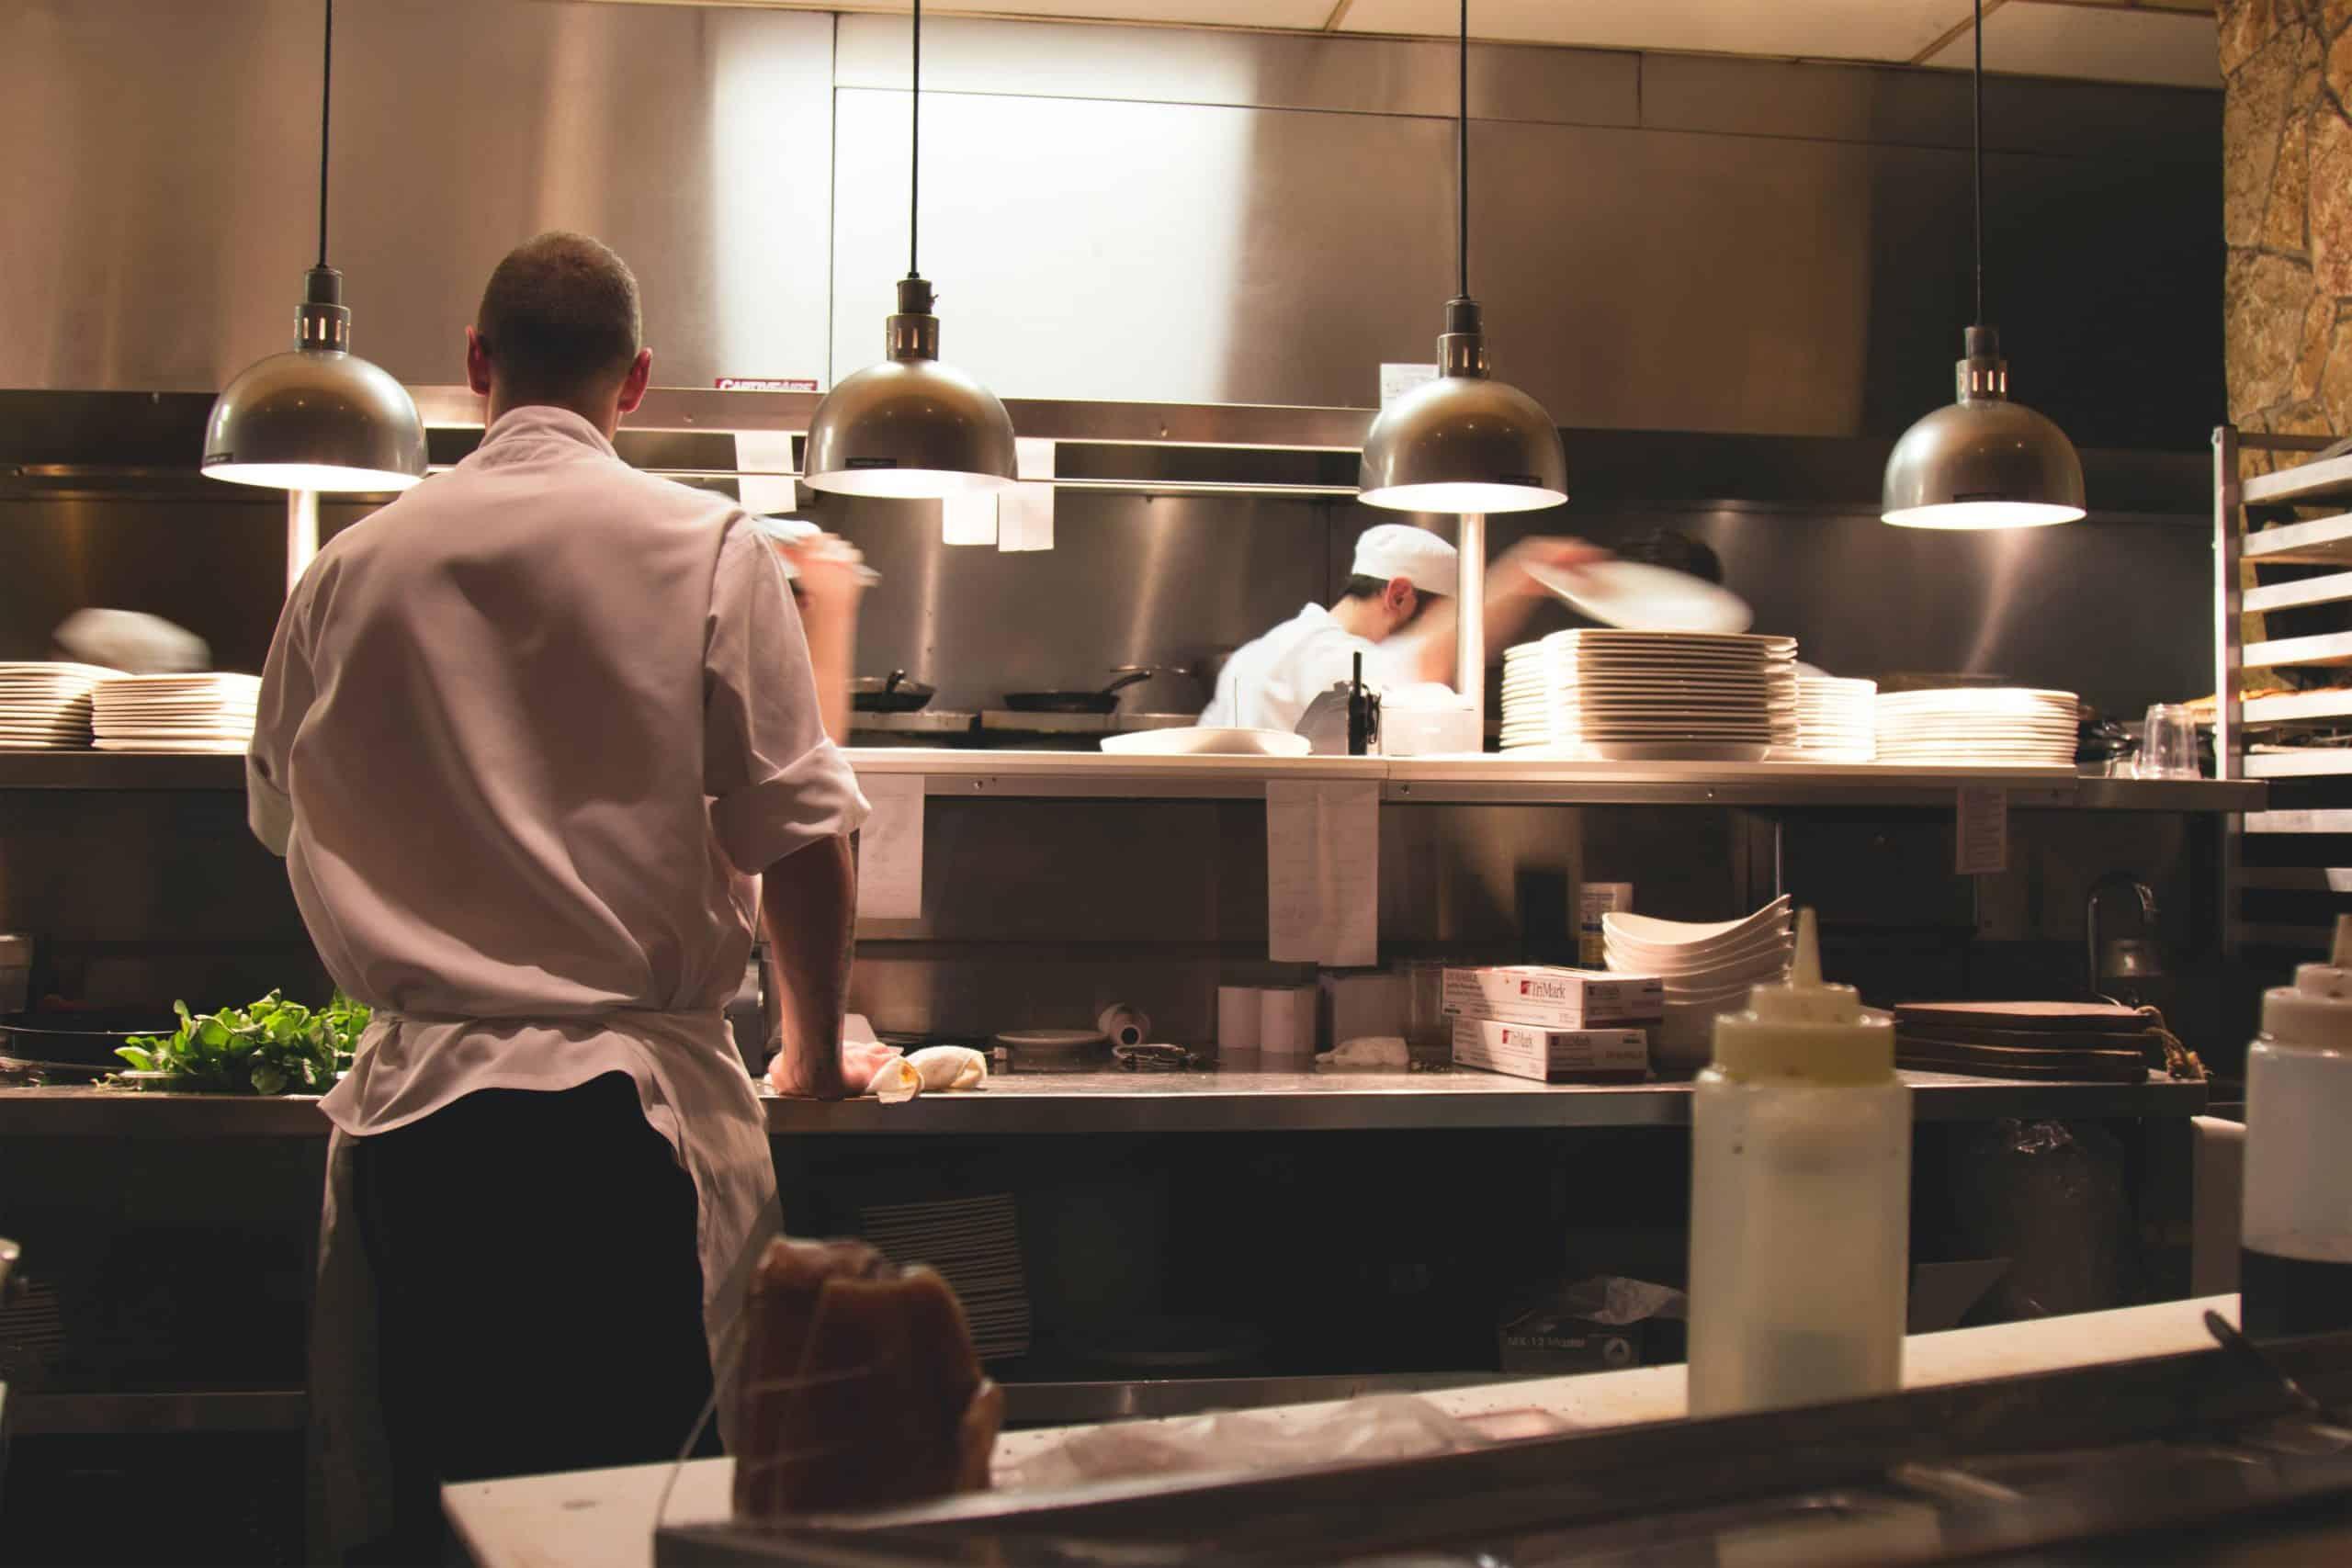 HACCP est la formation obligatoire dispensée chez GRP Formations à Kingersheim en restauration dont au moins une personne présente en cuisine doit être titulaire